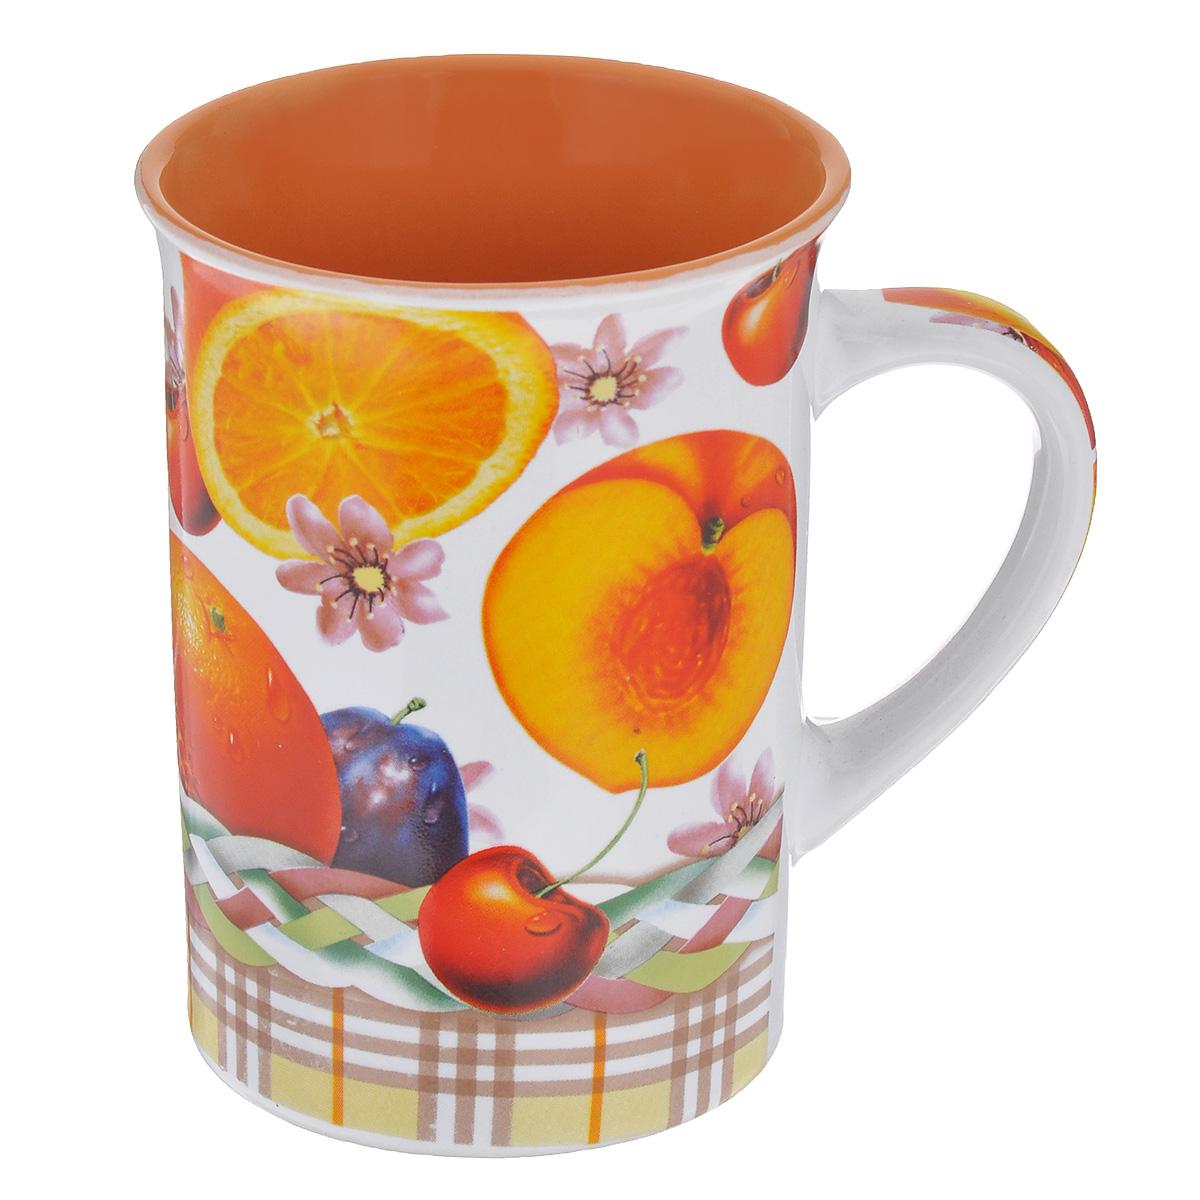 Кружка Фрукты, 340 млTLSD11-13Кружка Фрукты выполнена из высококачественной керамики. Снаружи она декорирована ярким изображением сочных фруктов.Кружка сочетает в себе оригинальный дизайн и функциональность. Благодаря такой кружке пить напитки будет еще вкуснее. Диаметр кружки по верхнему краю: 8,5 см.Высота стенок: 11 см.Объем: 340 мл.